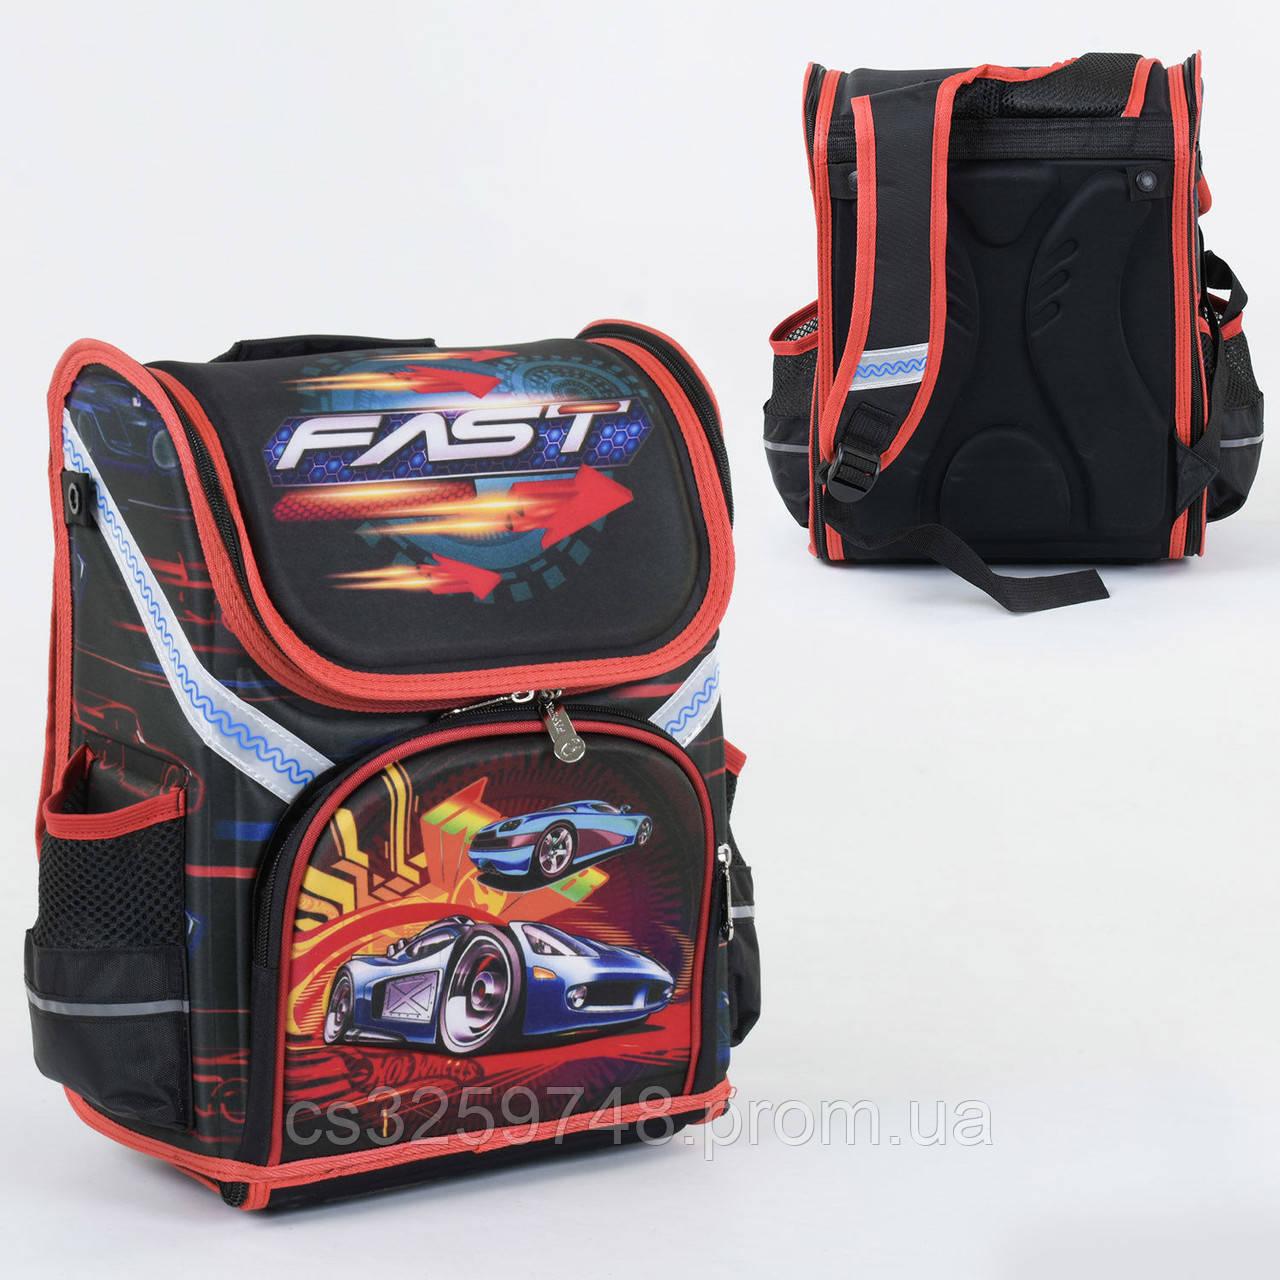 Школьный каркасный рюкзак С 36182 с ортопедической спинкой на 1 большое отделение и 3 кармана, 3D принт